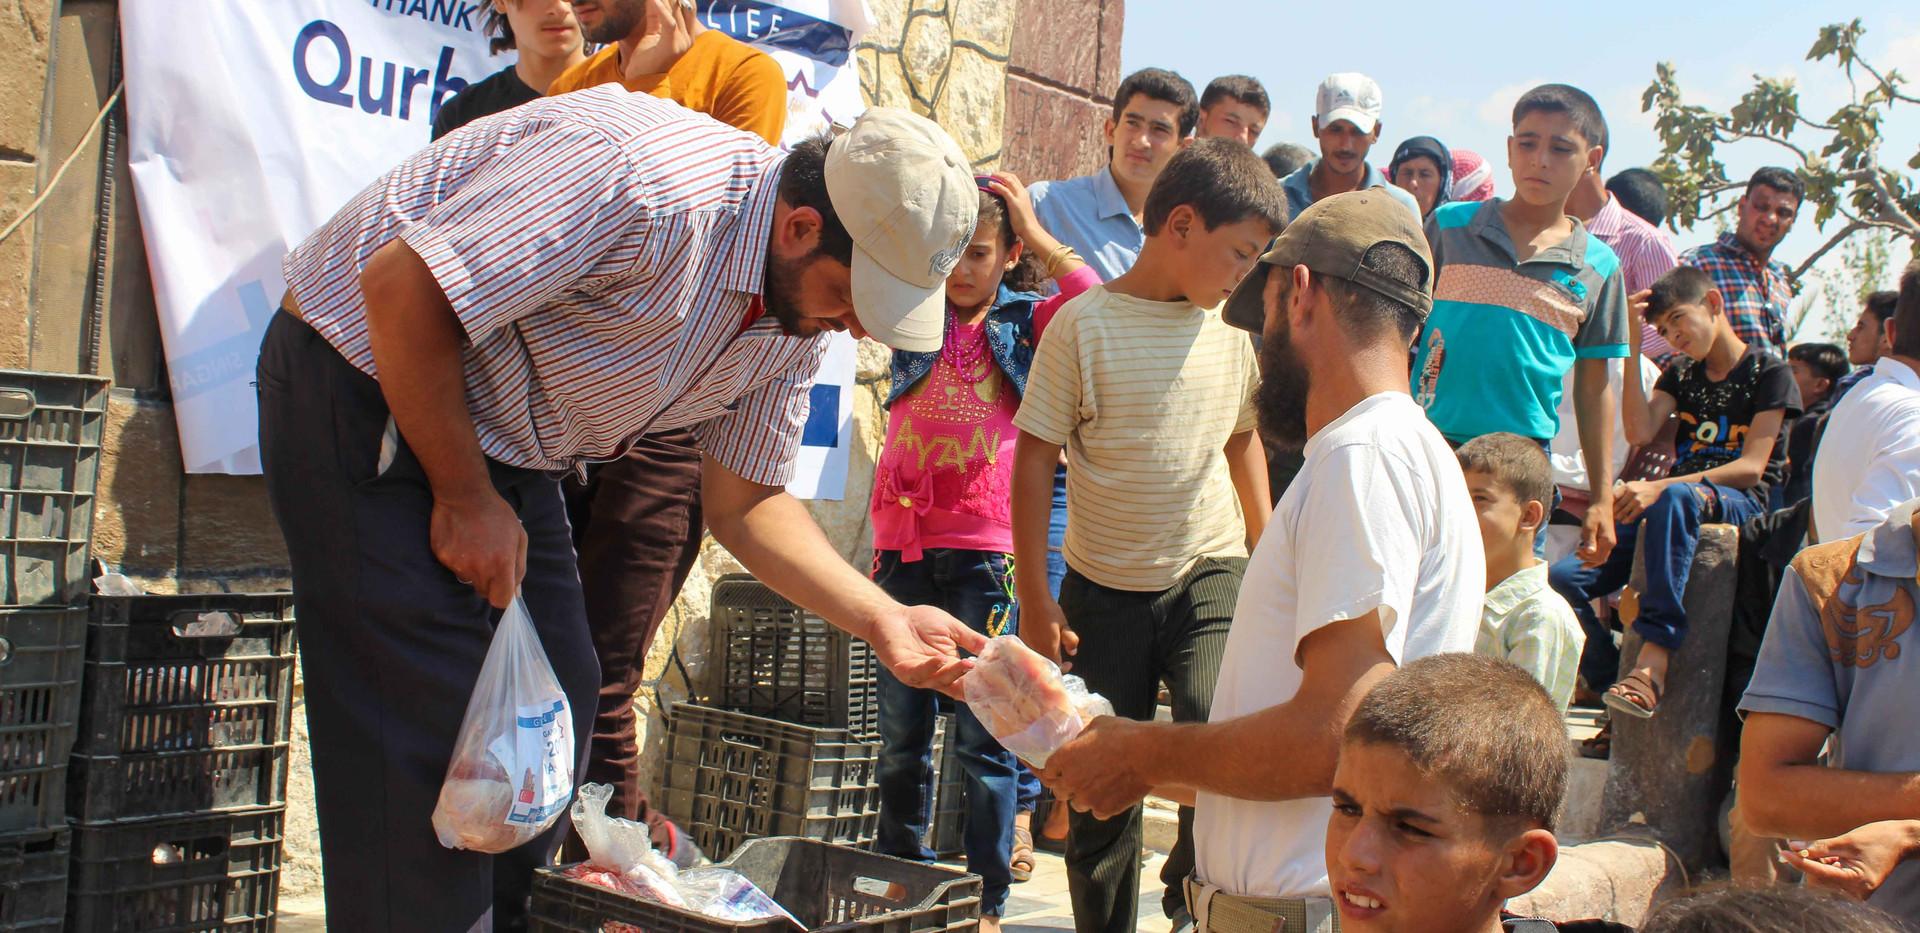 Qurban in Syria 2017